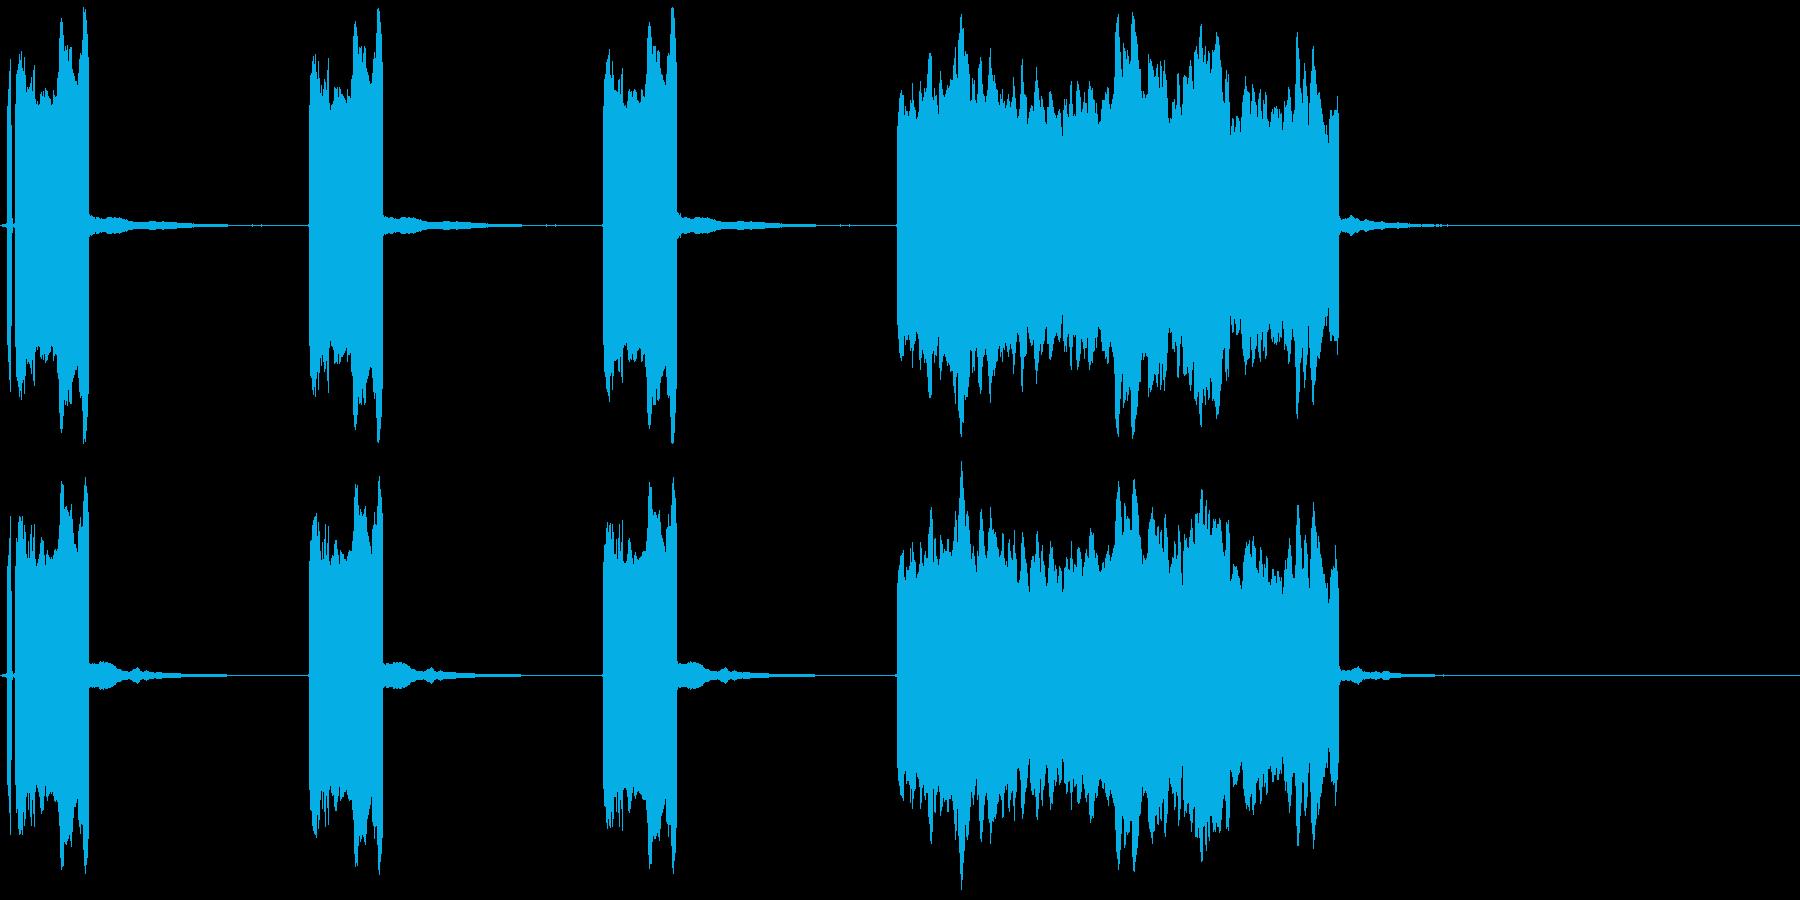 スタートの時の、パッパッパッパー!!の音の再生済みの波形